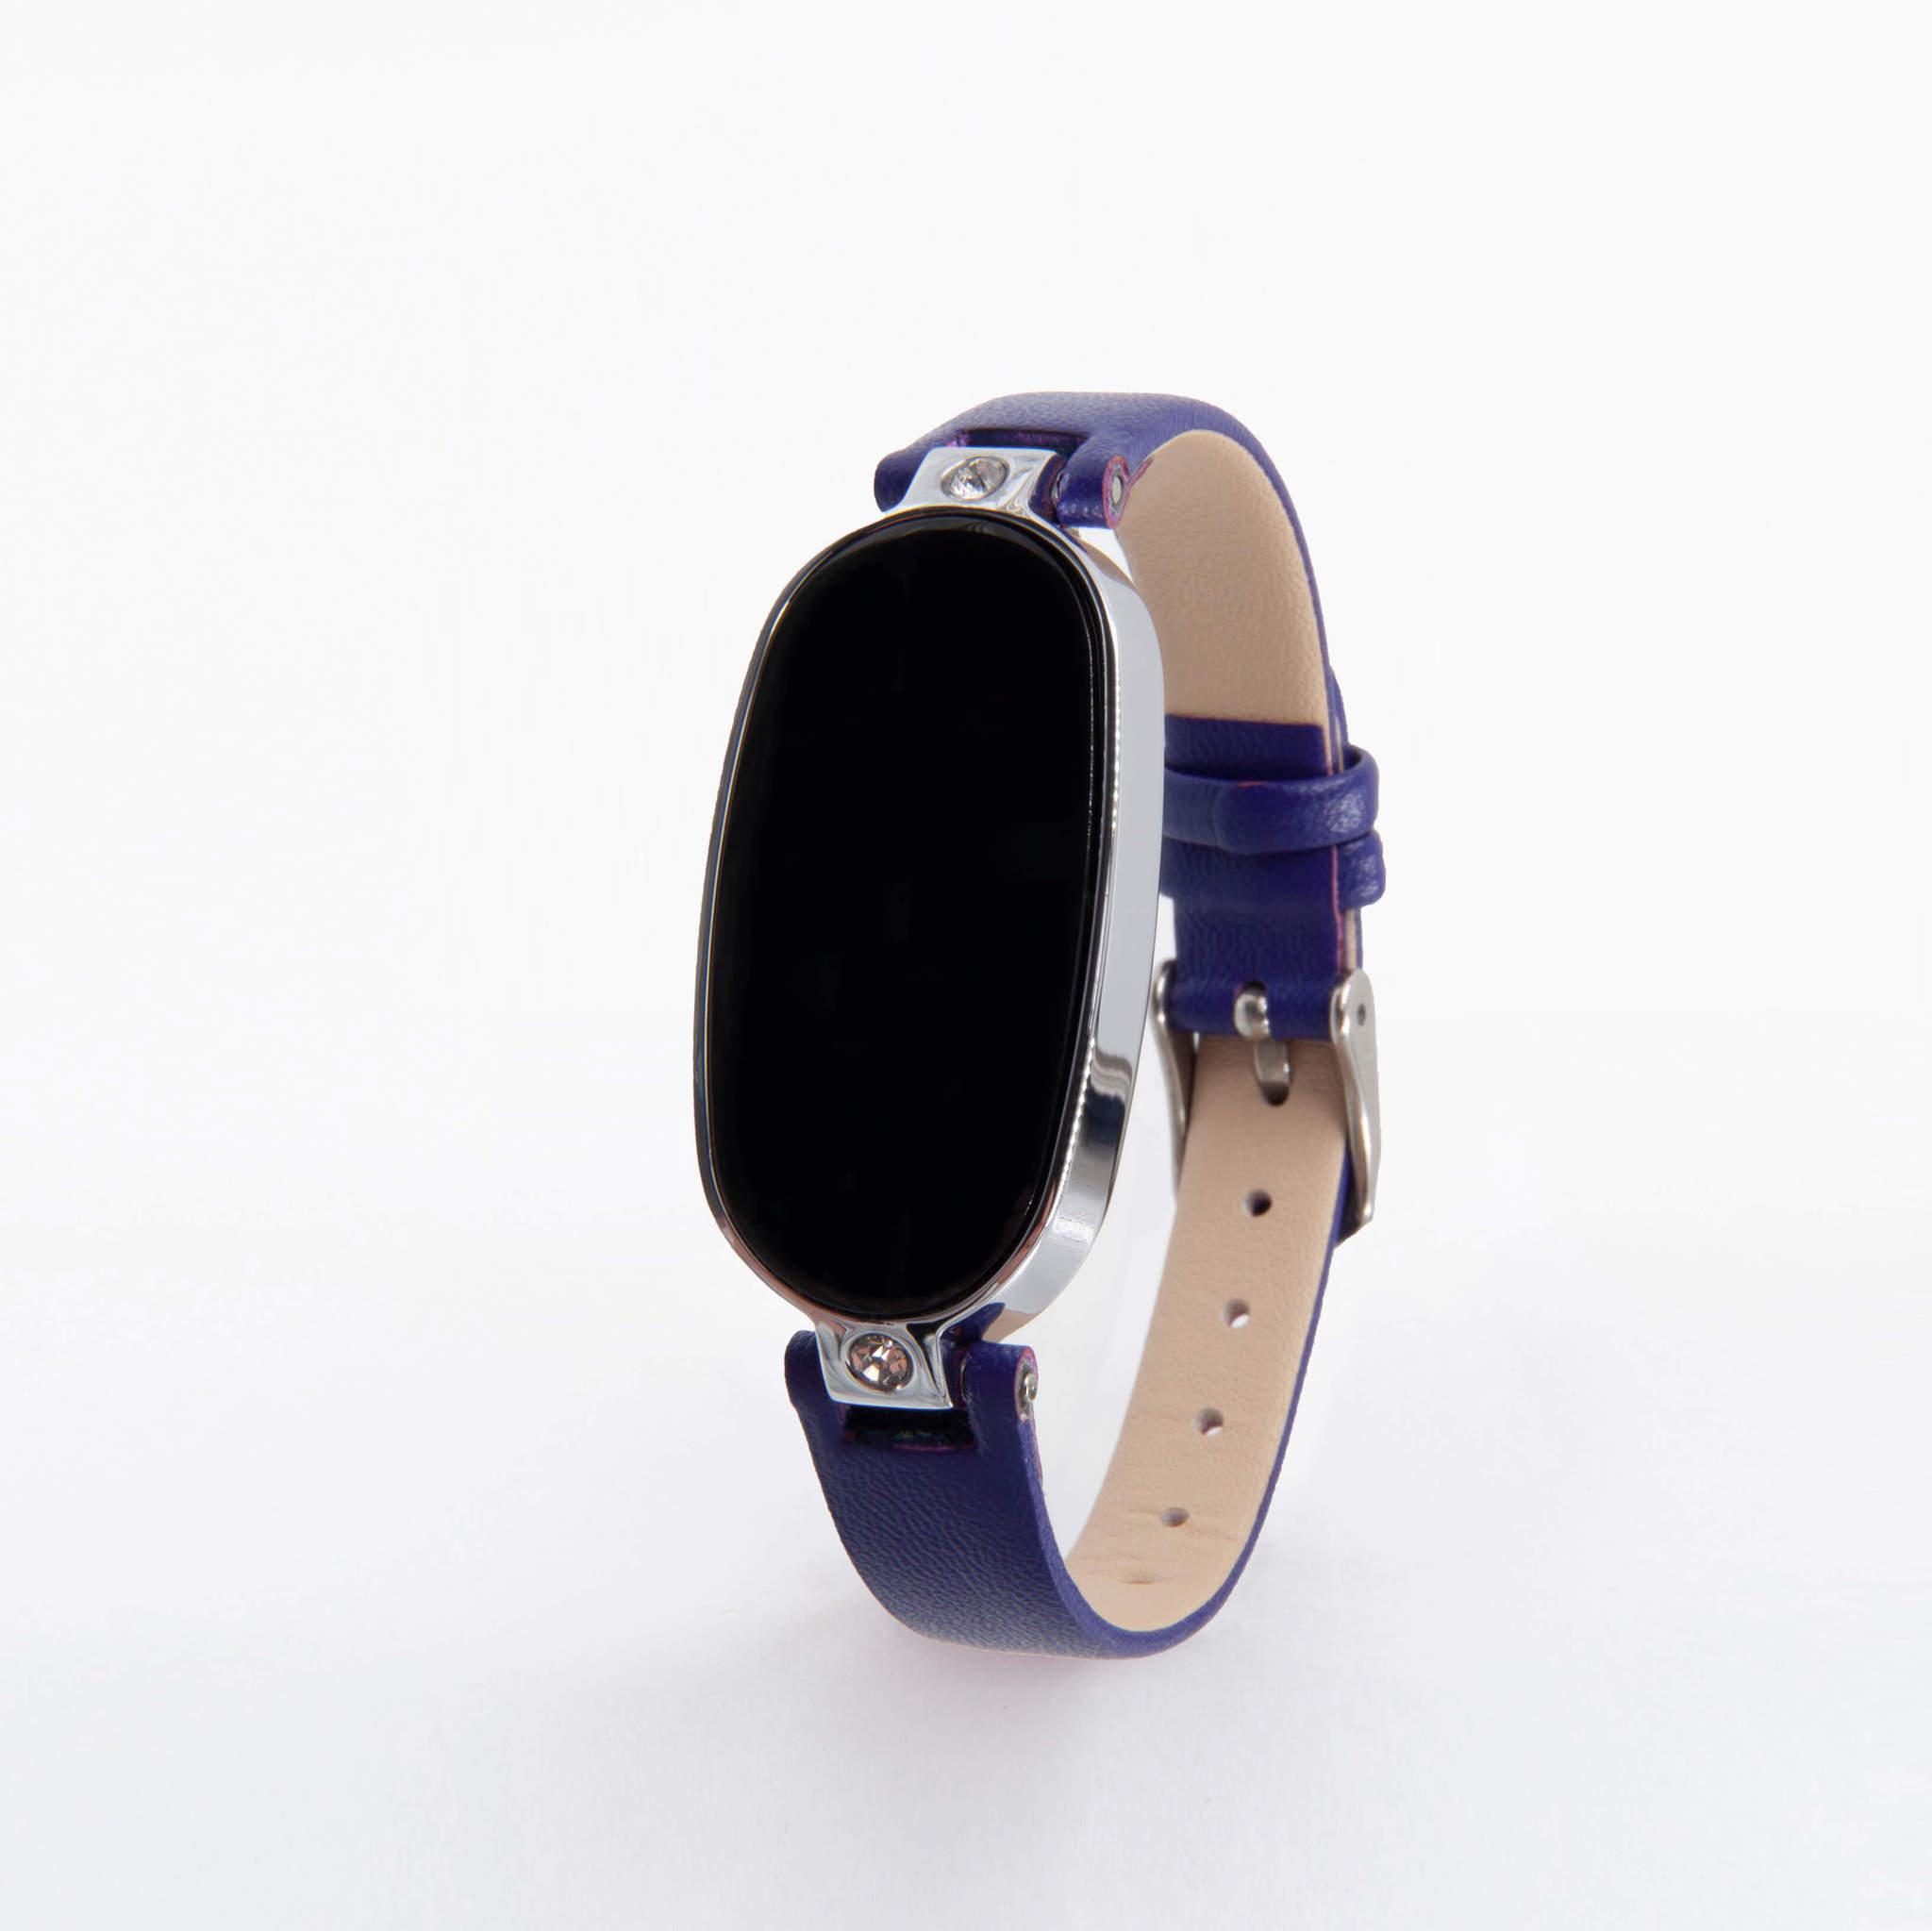 Женские часы с измерением давления, снятием ЭКГ и круглосуточным мониторингом пульса Health Band WM17, (синий)